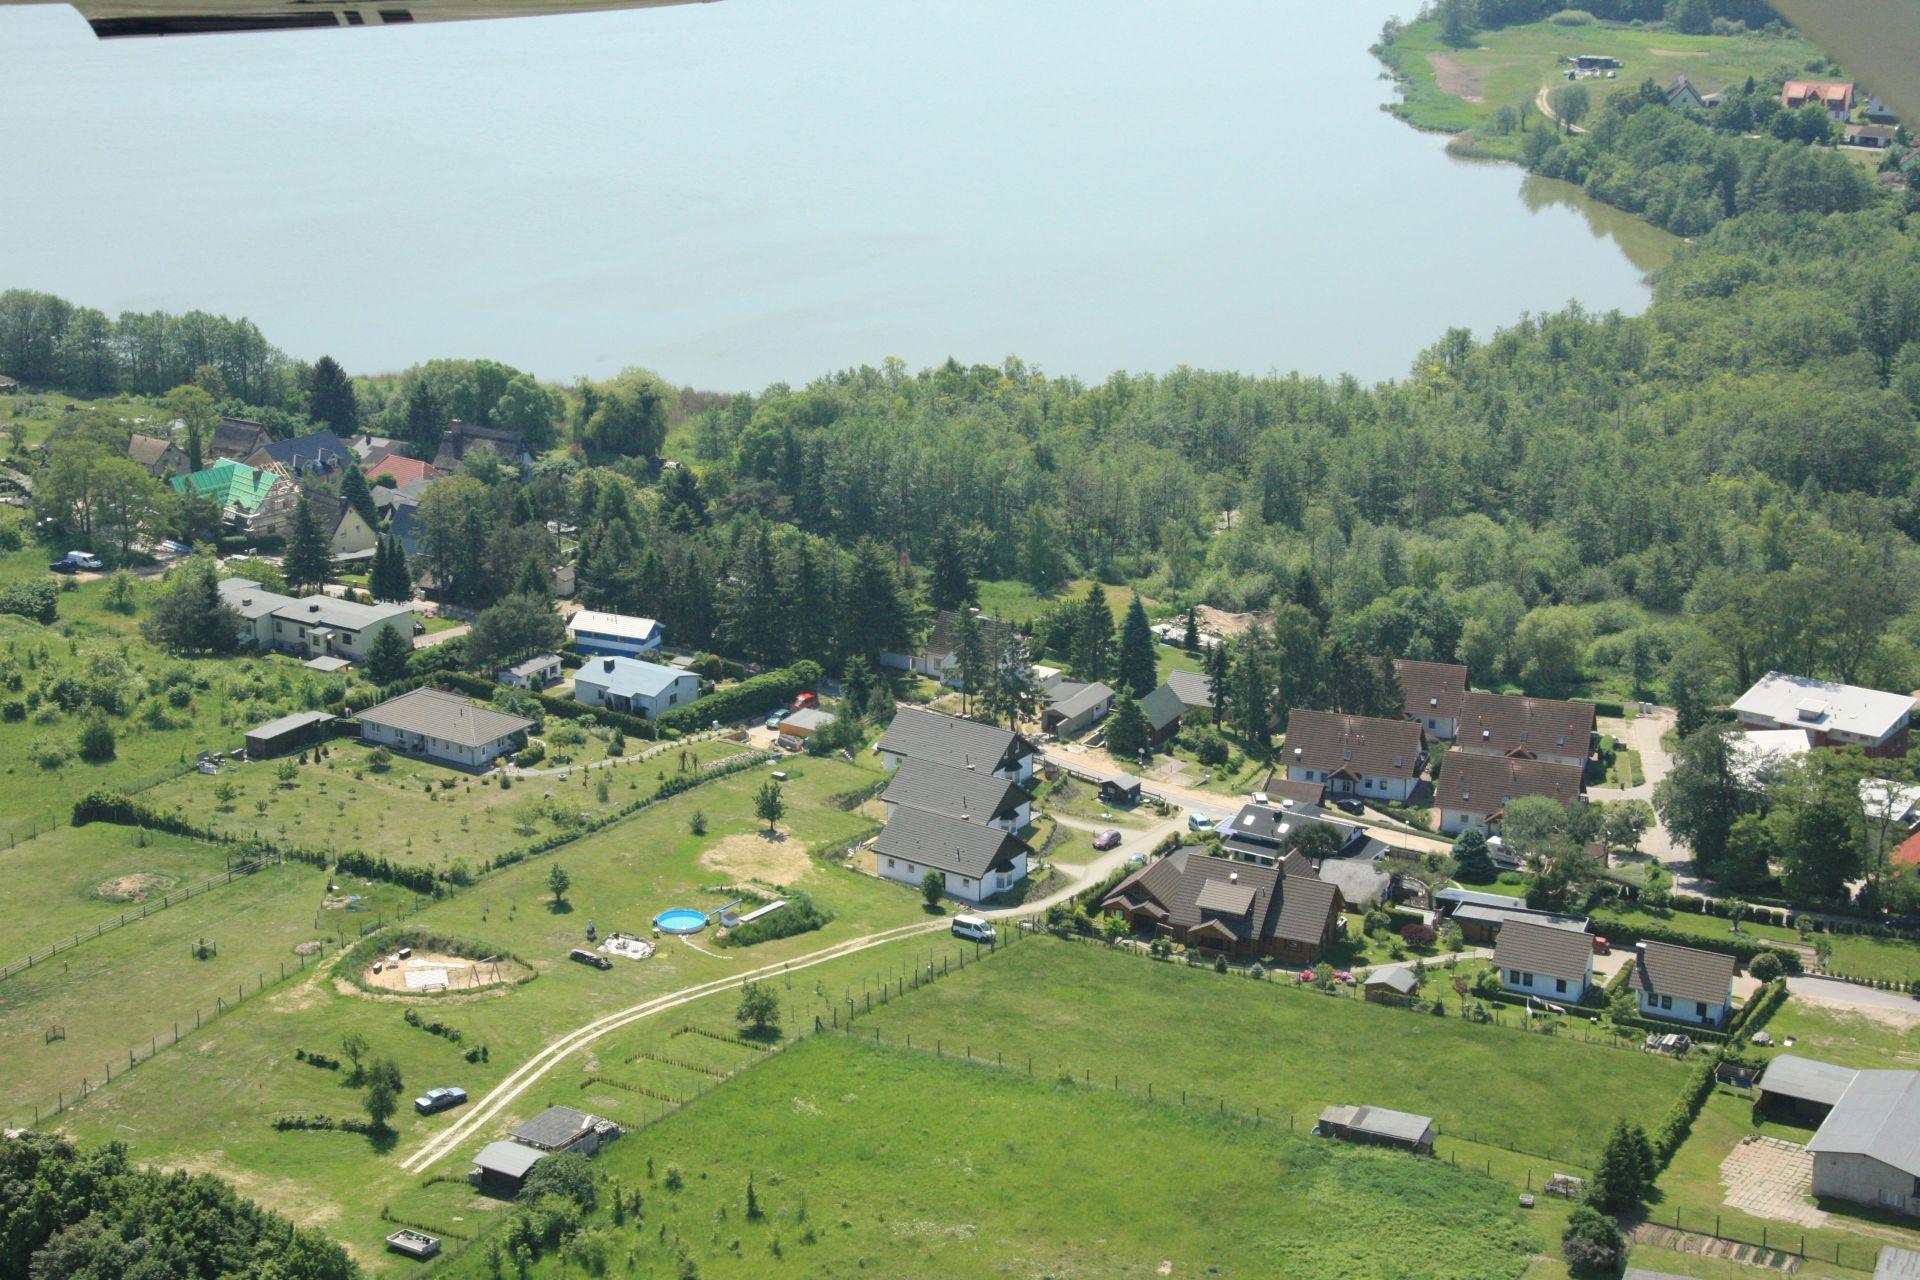 Luftbild-Bansin_Aufnachusedom_Ferienwohnung_Ferienhaus_und_Meehr_Ahlbeck_Bansin_Usedom_Insel_10